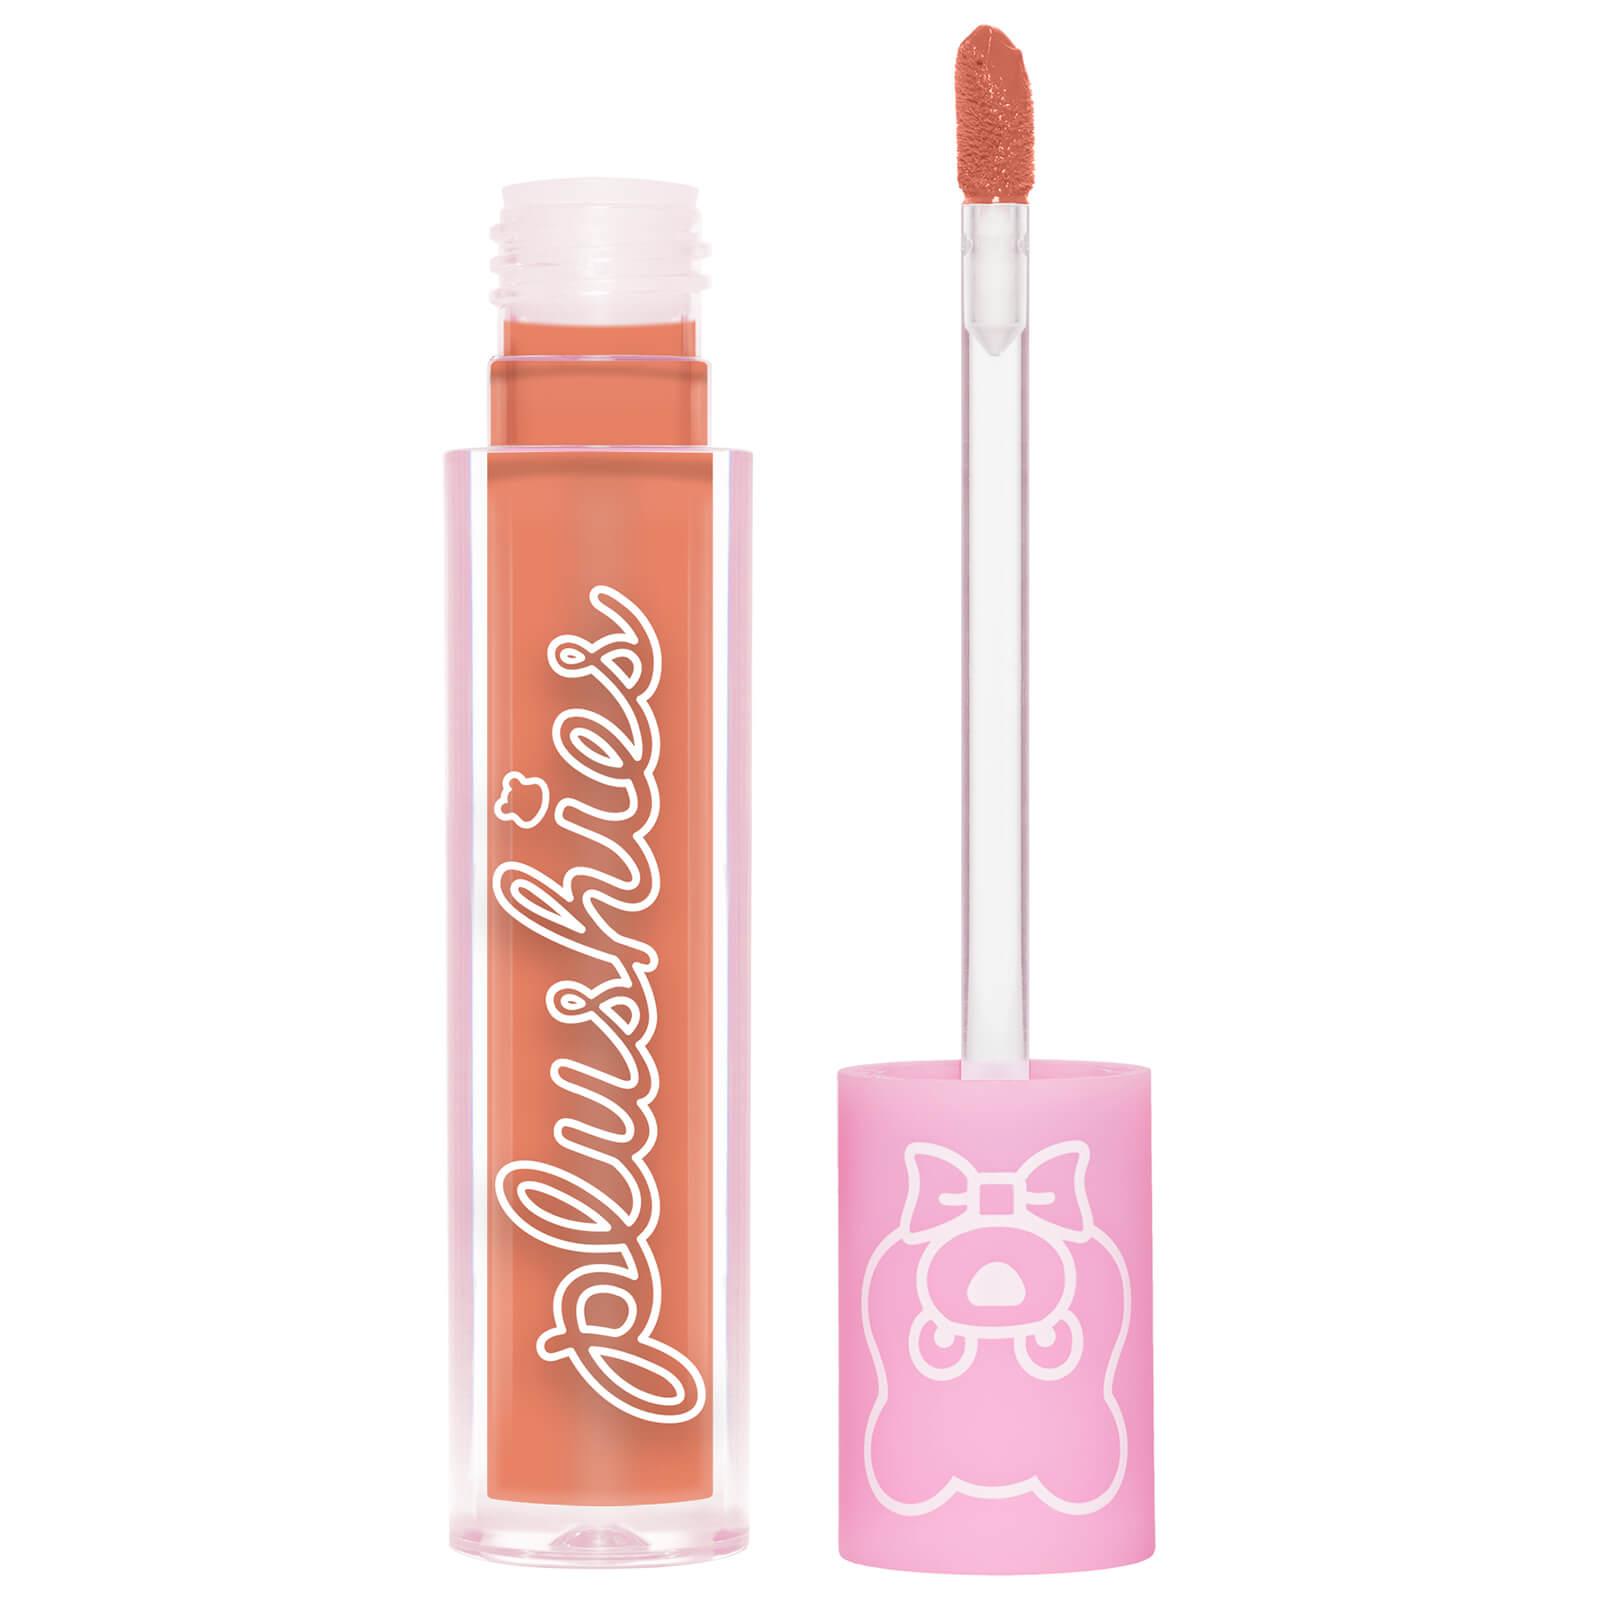 Купить Жидкая губная помада Lime Crime Plushies Lipstick (различные оттенки) - Melon Smoothie